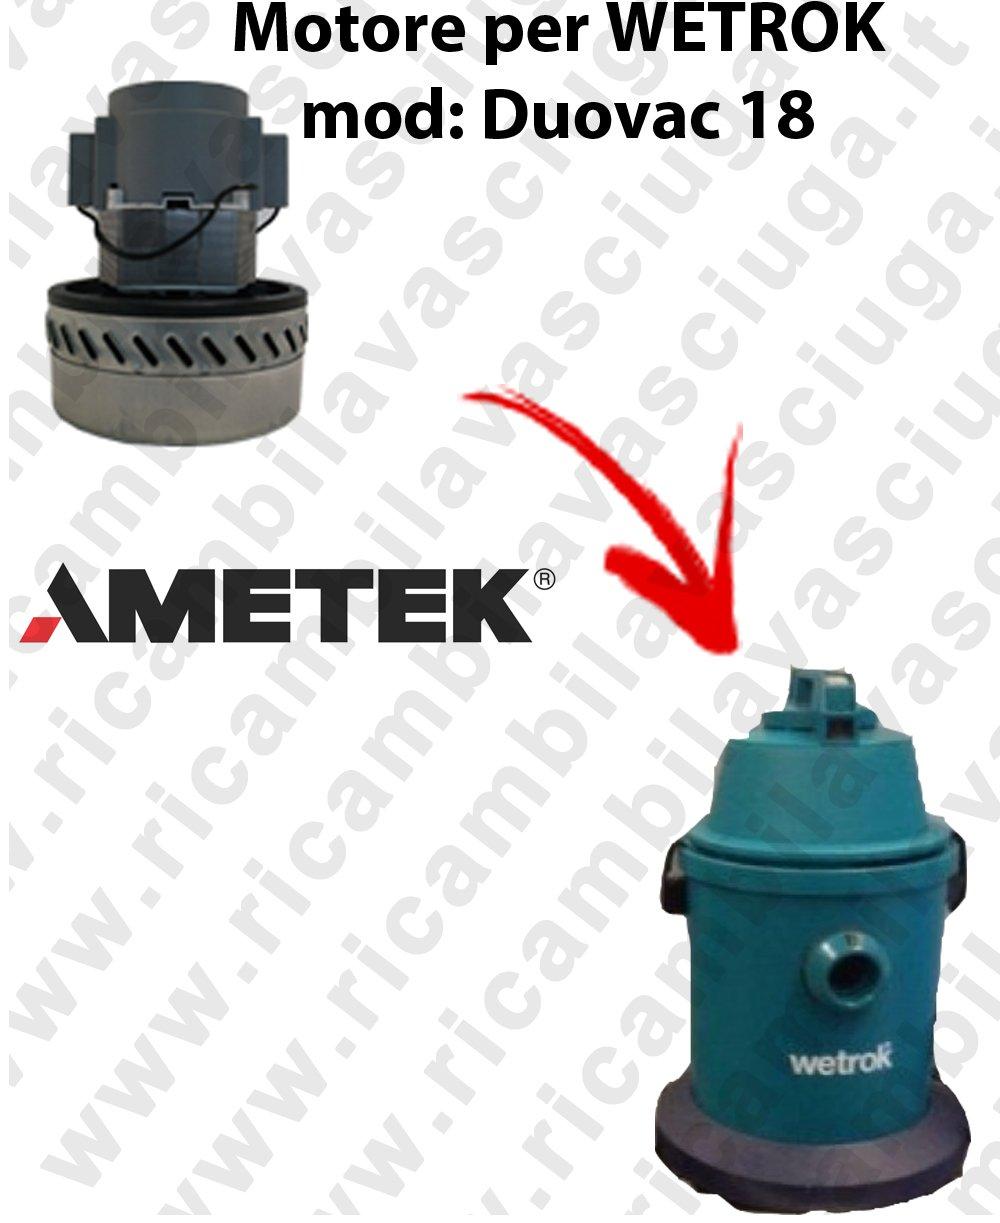 duovac 18 Motor aspiración ametek para aspiradora Wetrok: Amazon ...